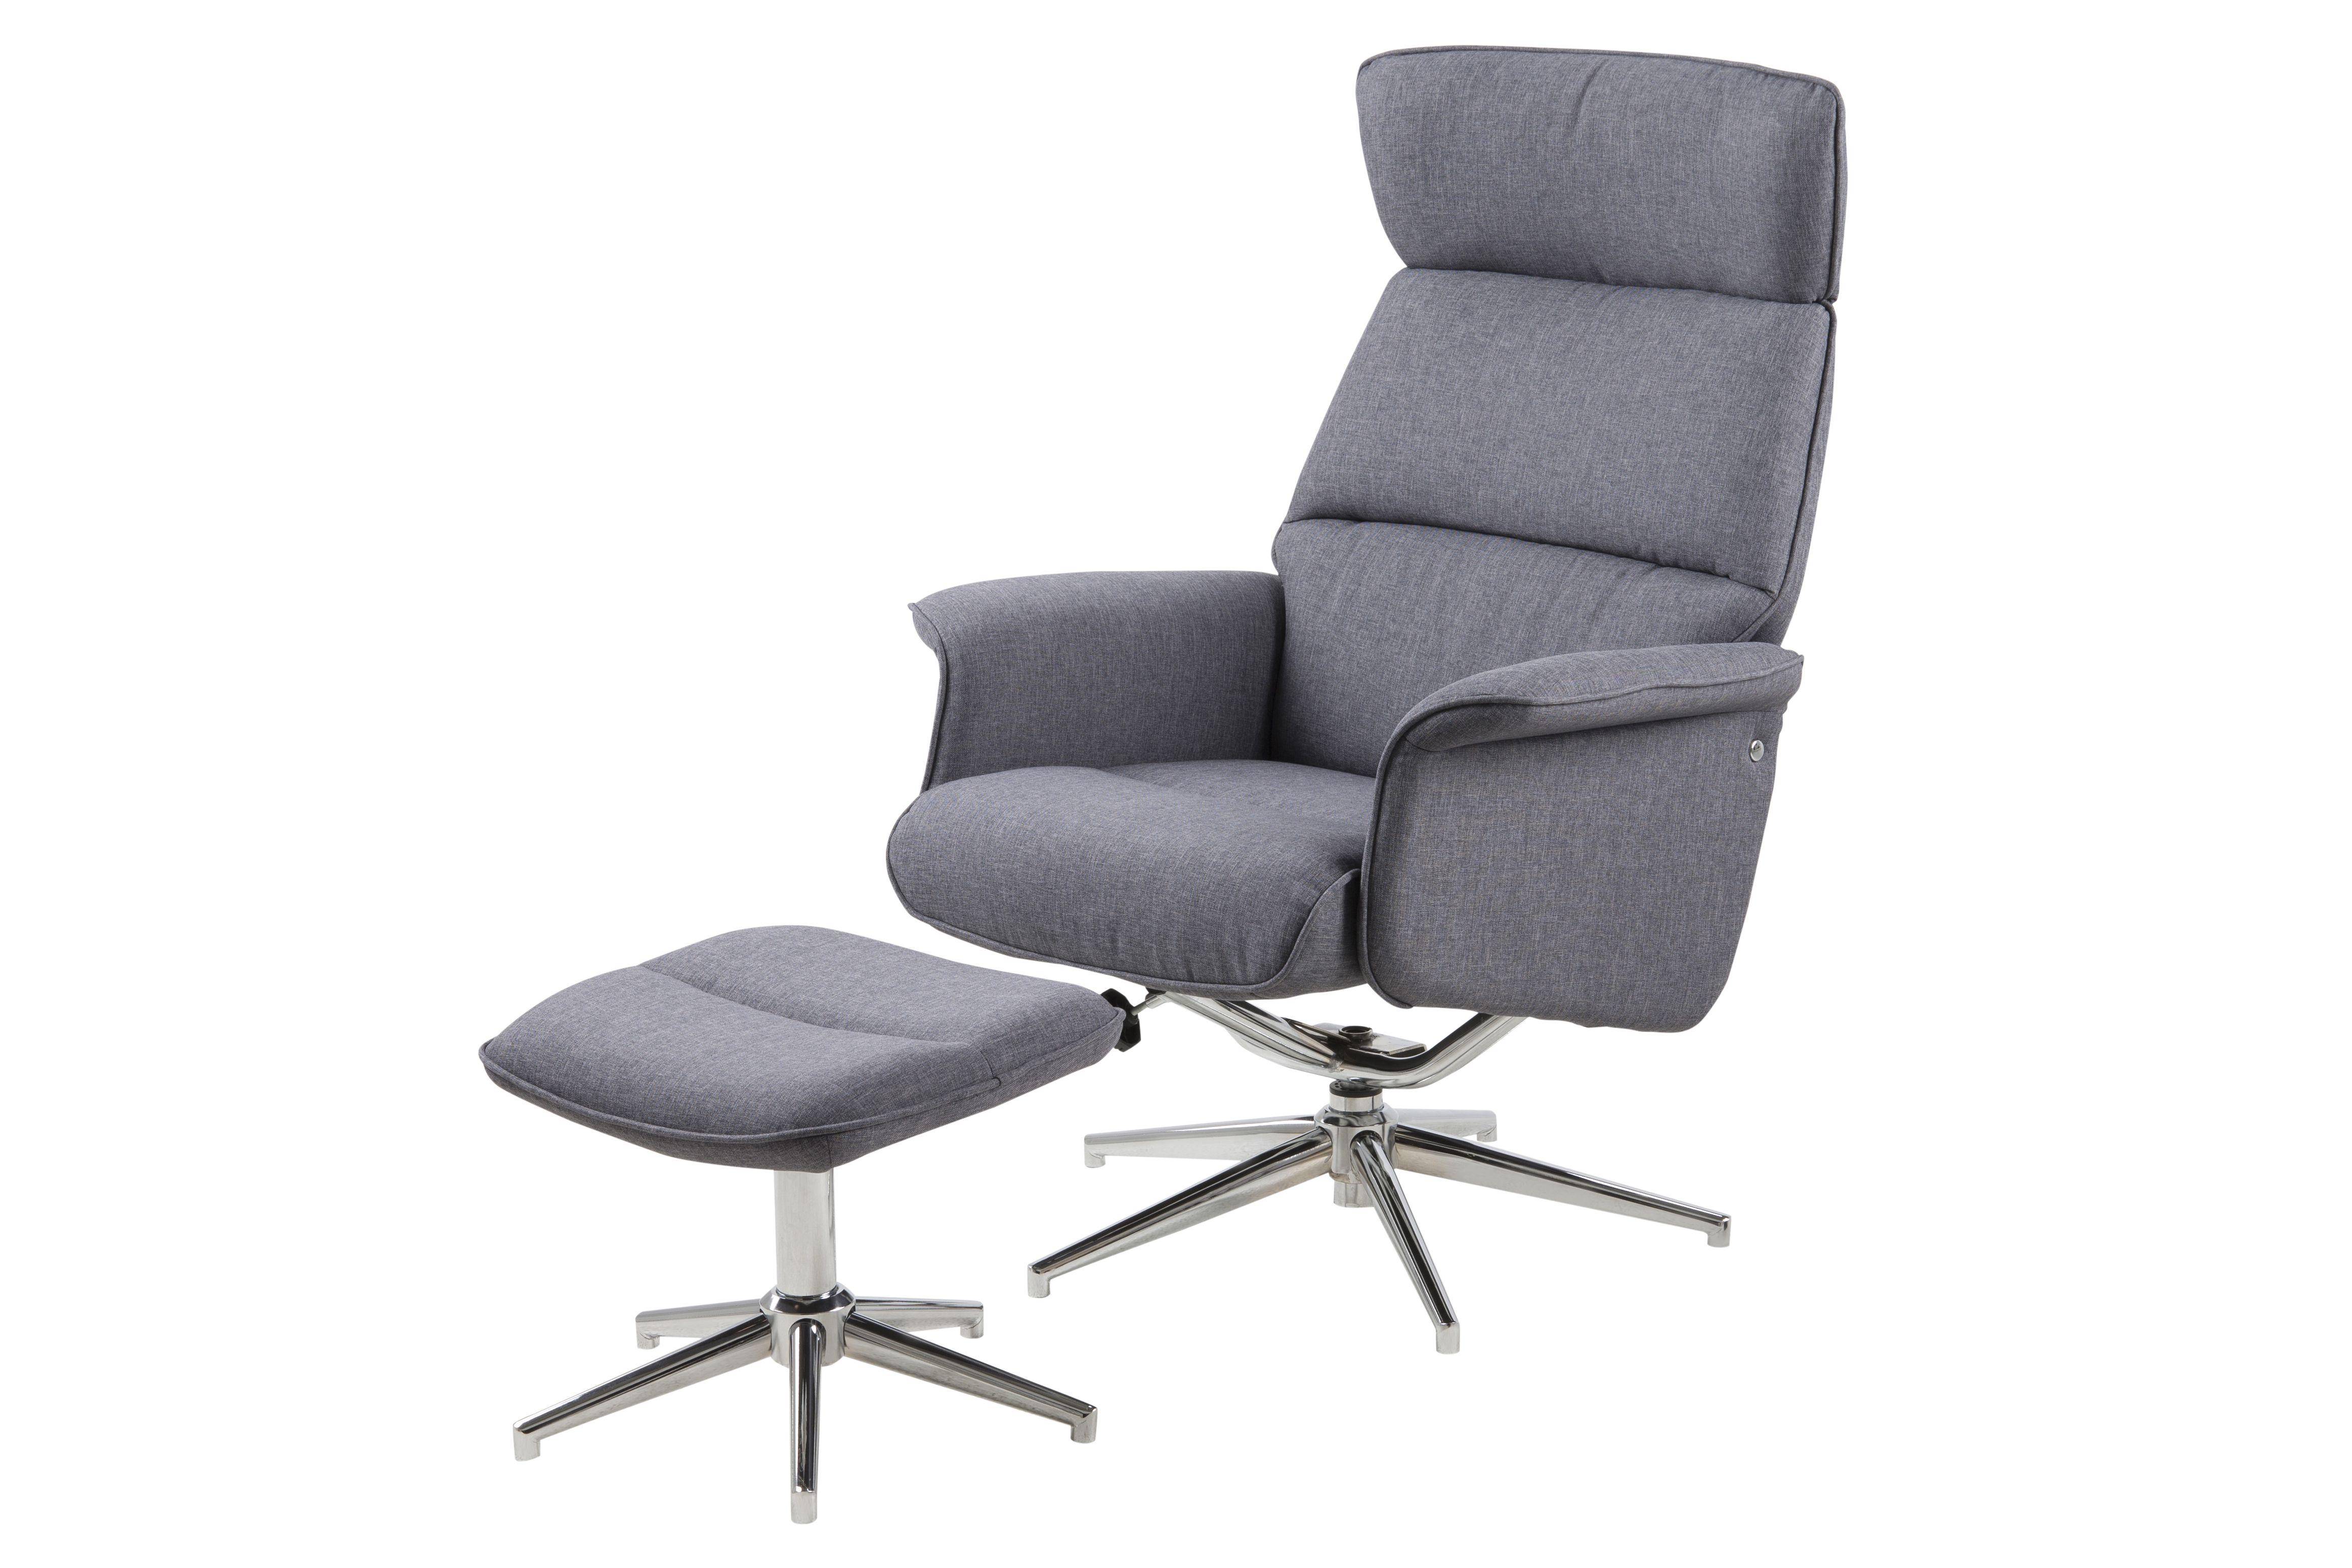 abyen-fauteuil-hocker-1